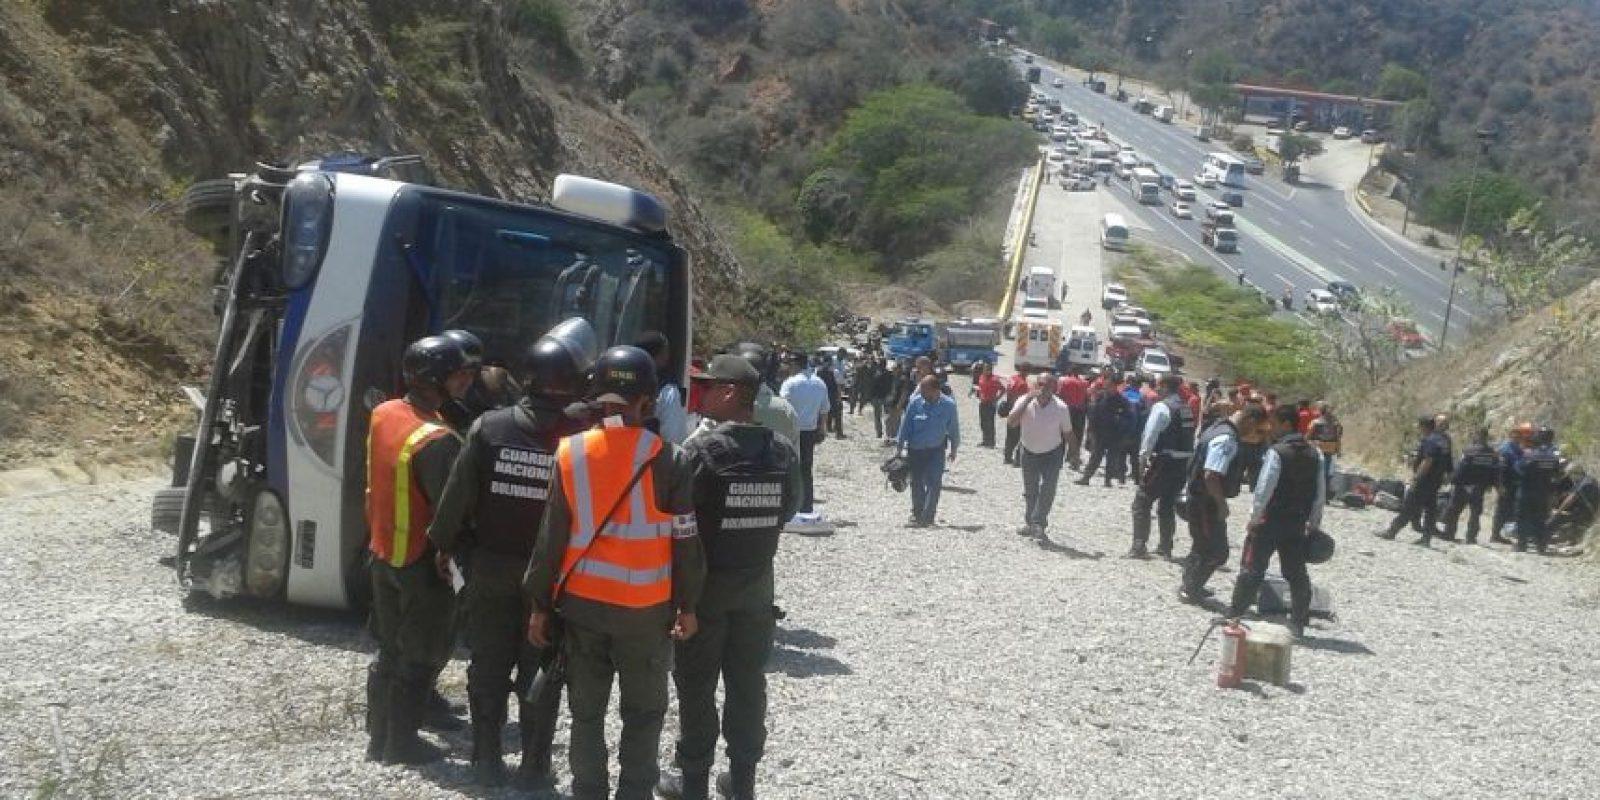 Imágenes del accidente del autobús de San Lorenzo Foto:AP